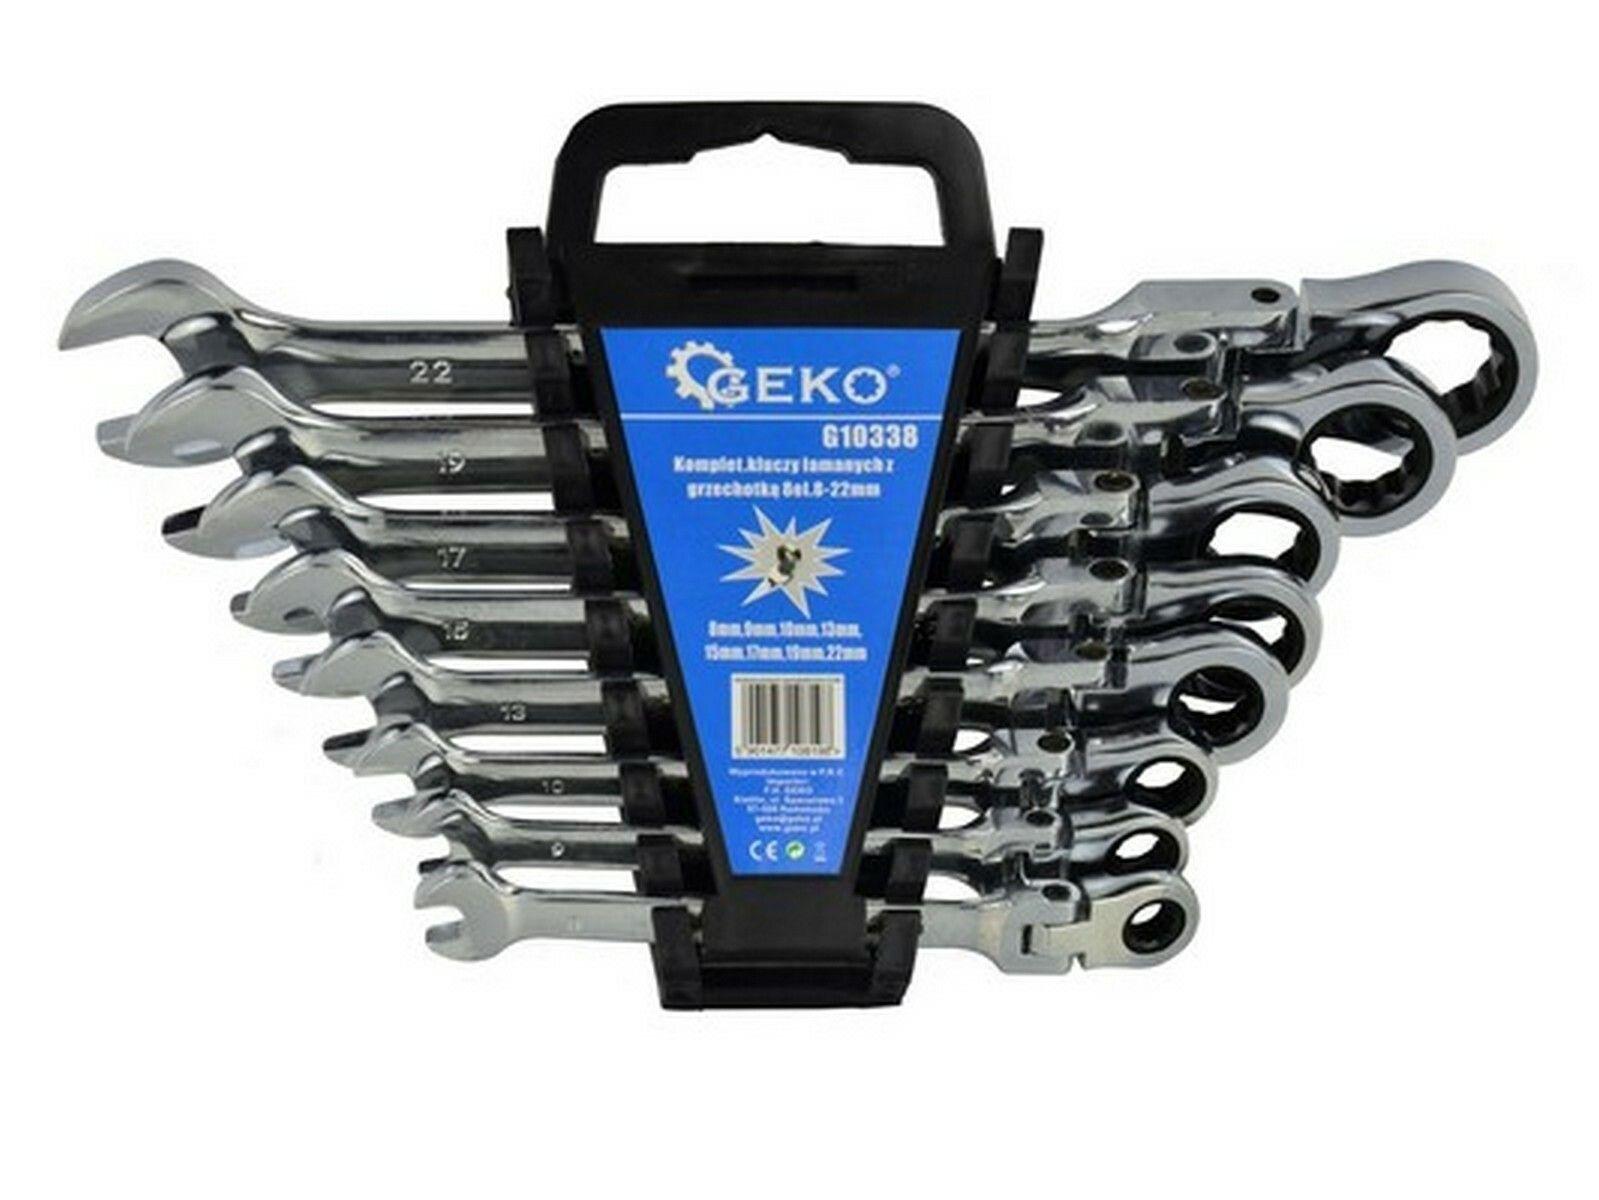 Klíče ráčnové očkoploché s kloubem, sada 8ks, 8-22 mm, plast. držák GEKO